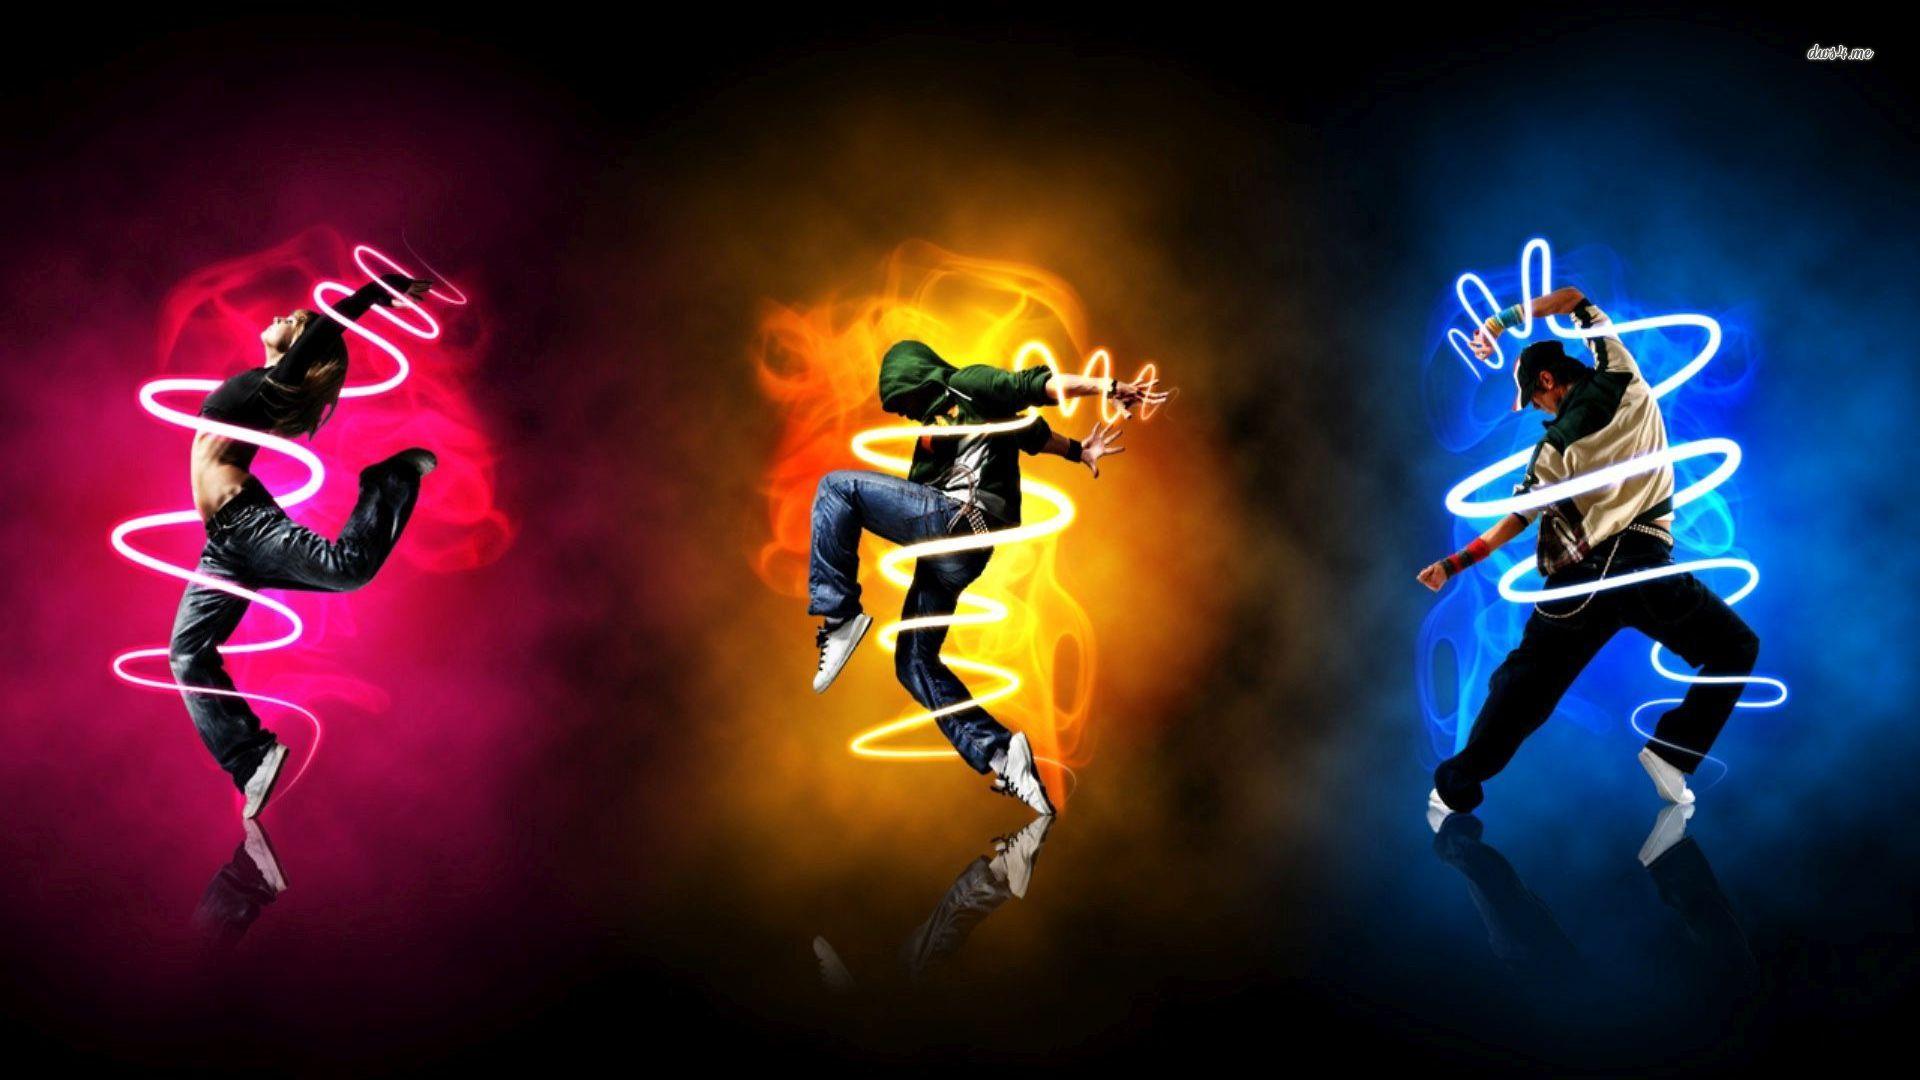 dance wallpapers for desktop wallpapersafari